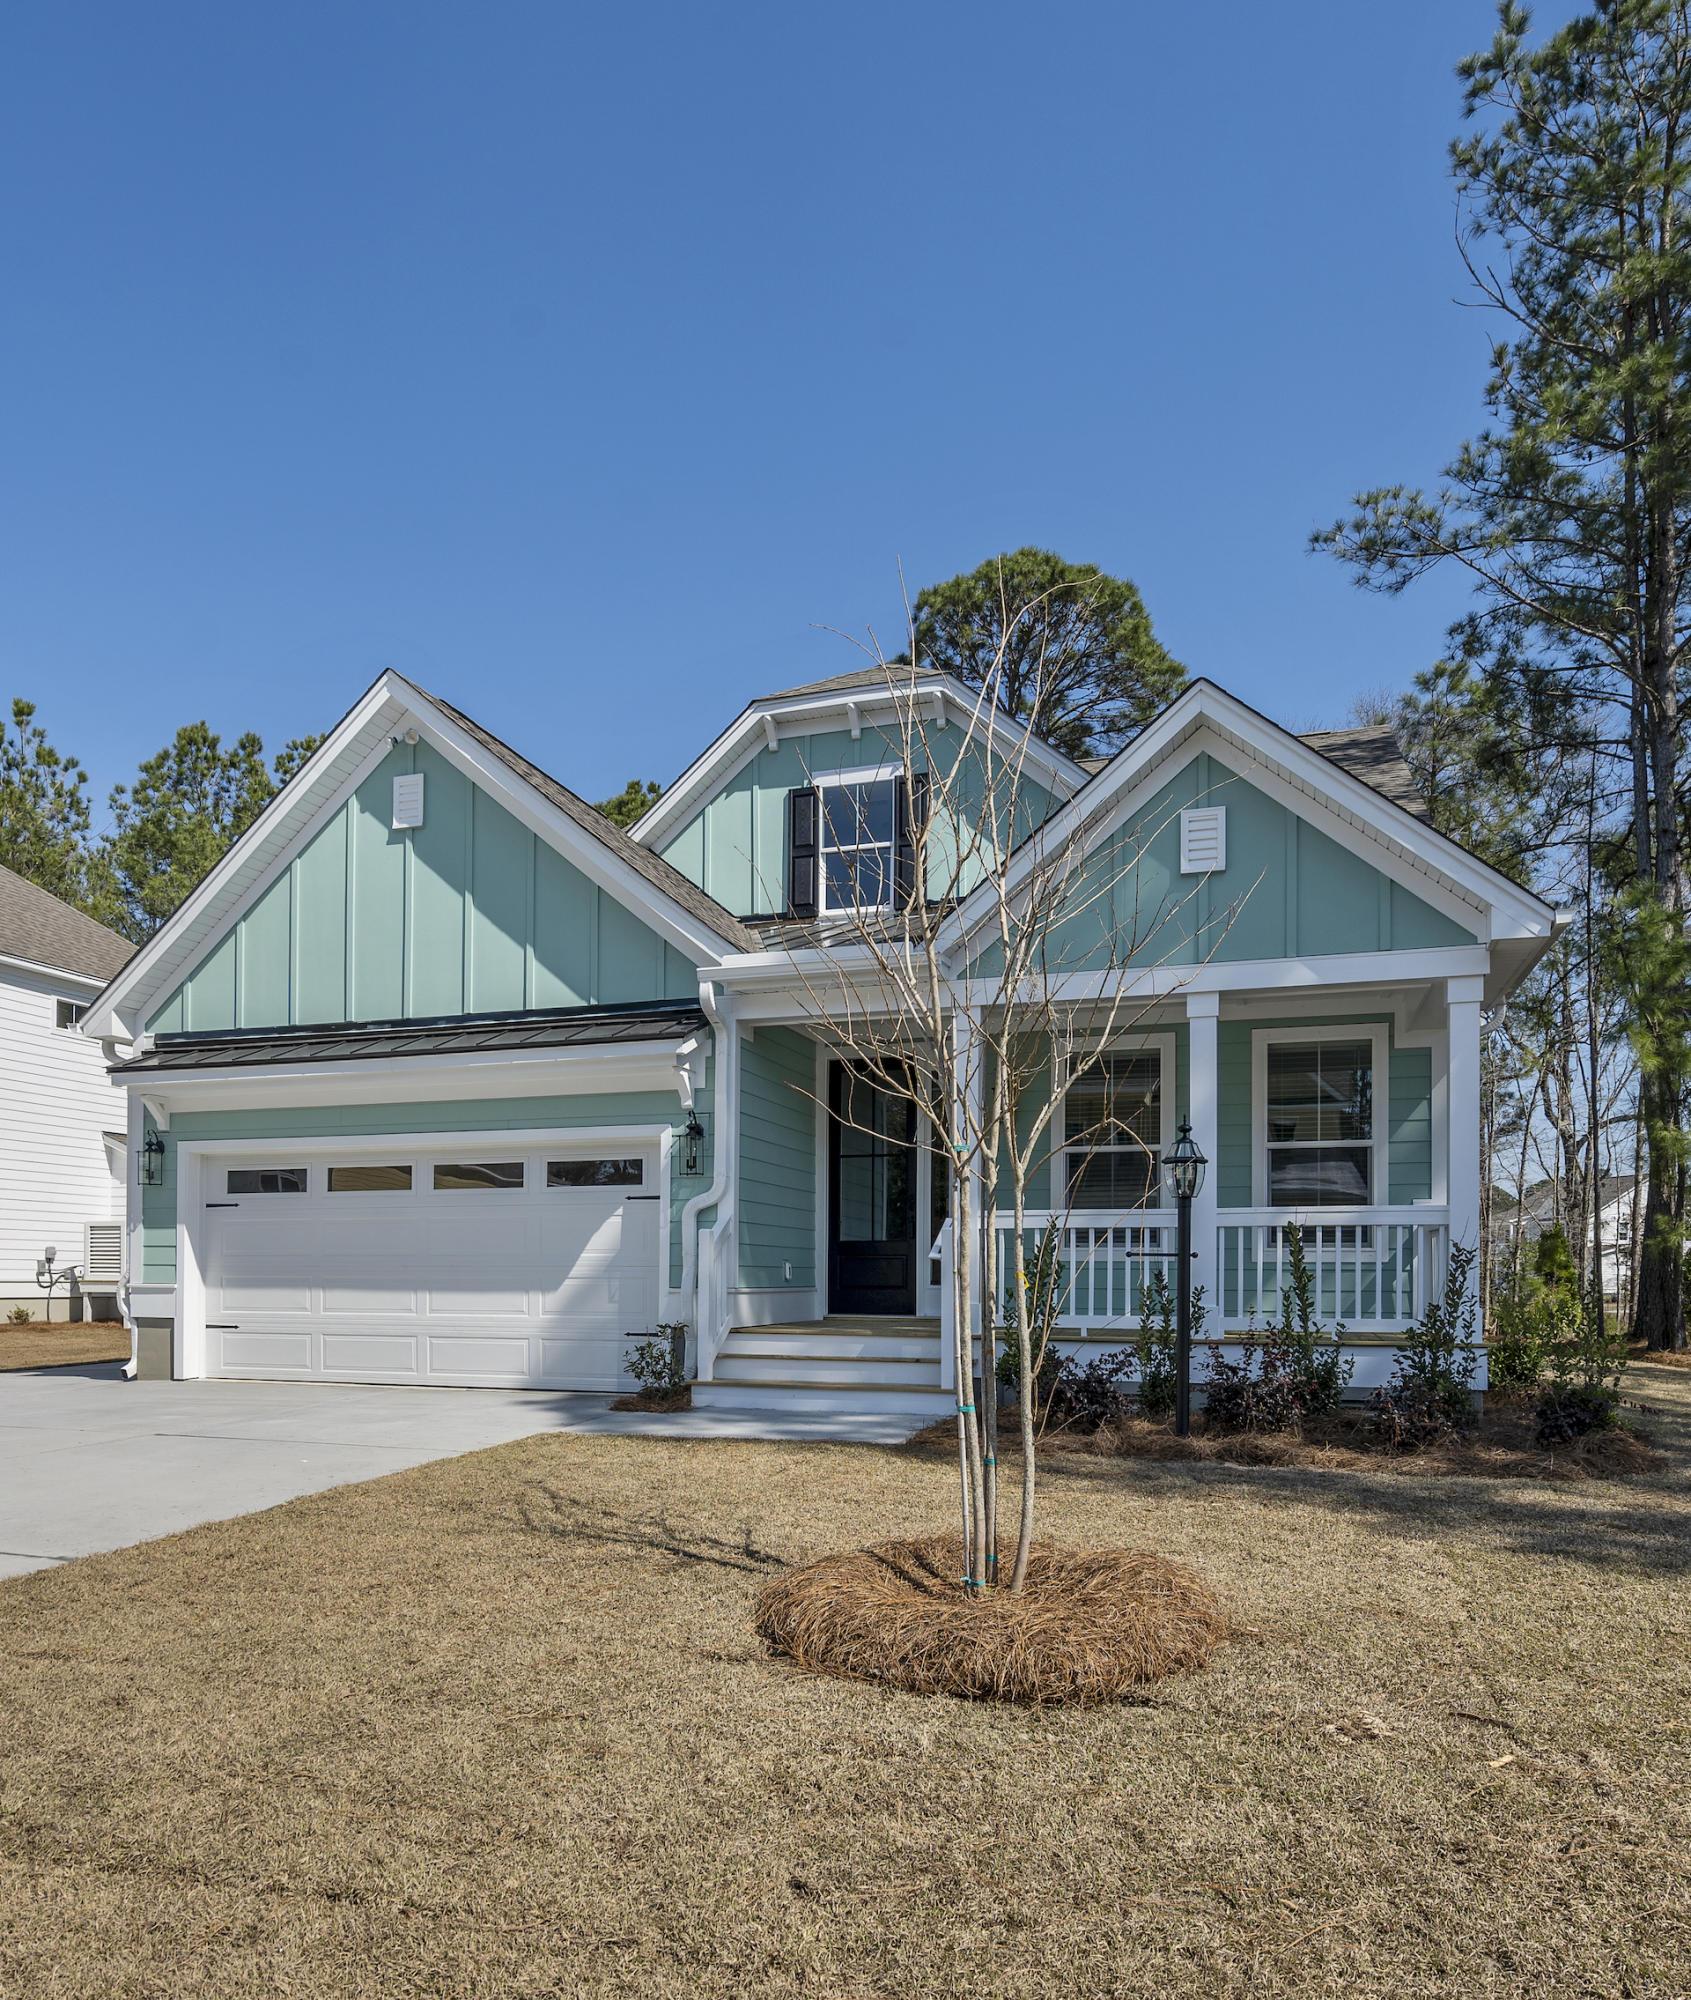 Park West Homes For Sale - 1504 Hopkins, Mount Pleasant, SC - 18